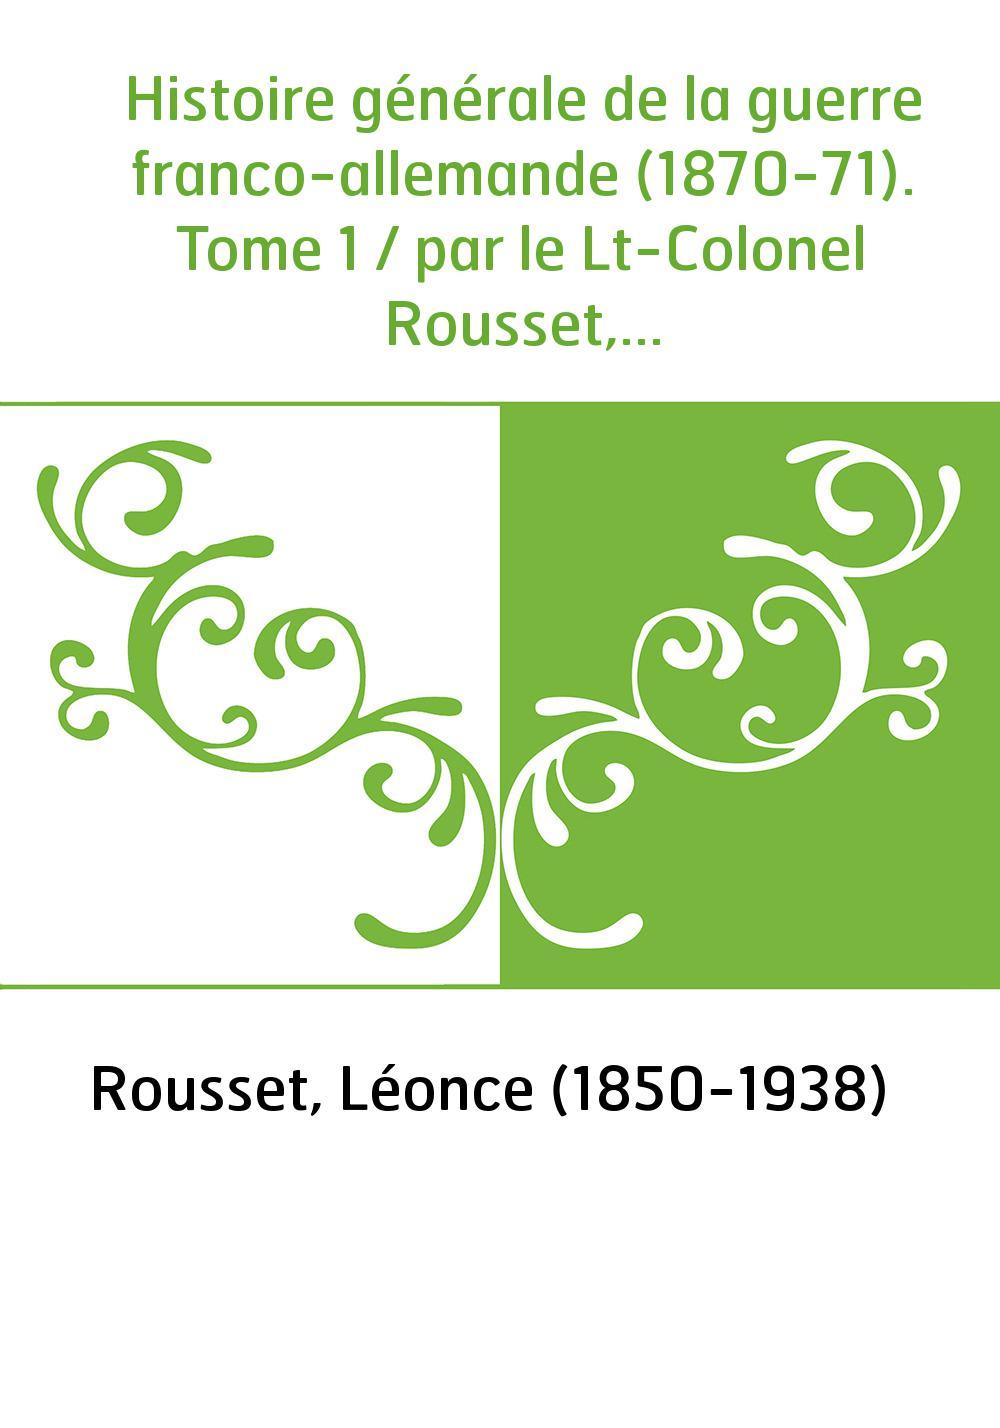 Histoire générale de la guerre franco-allemande (1870-71). Tome 1 / par le Lt-Colonel Rousset,...